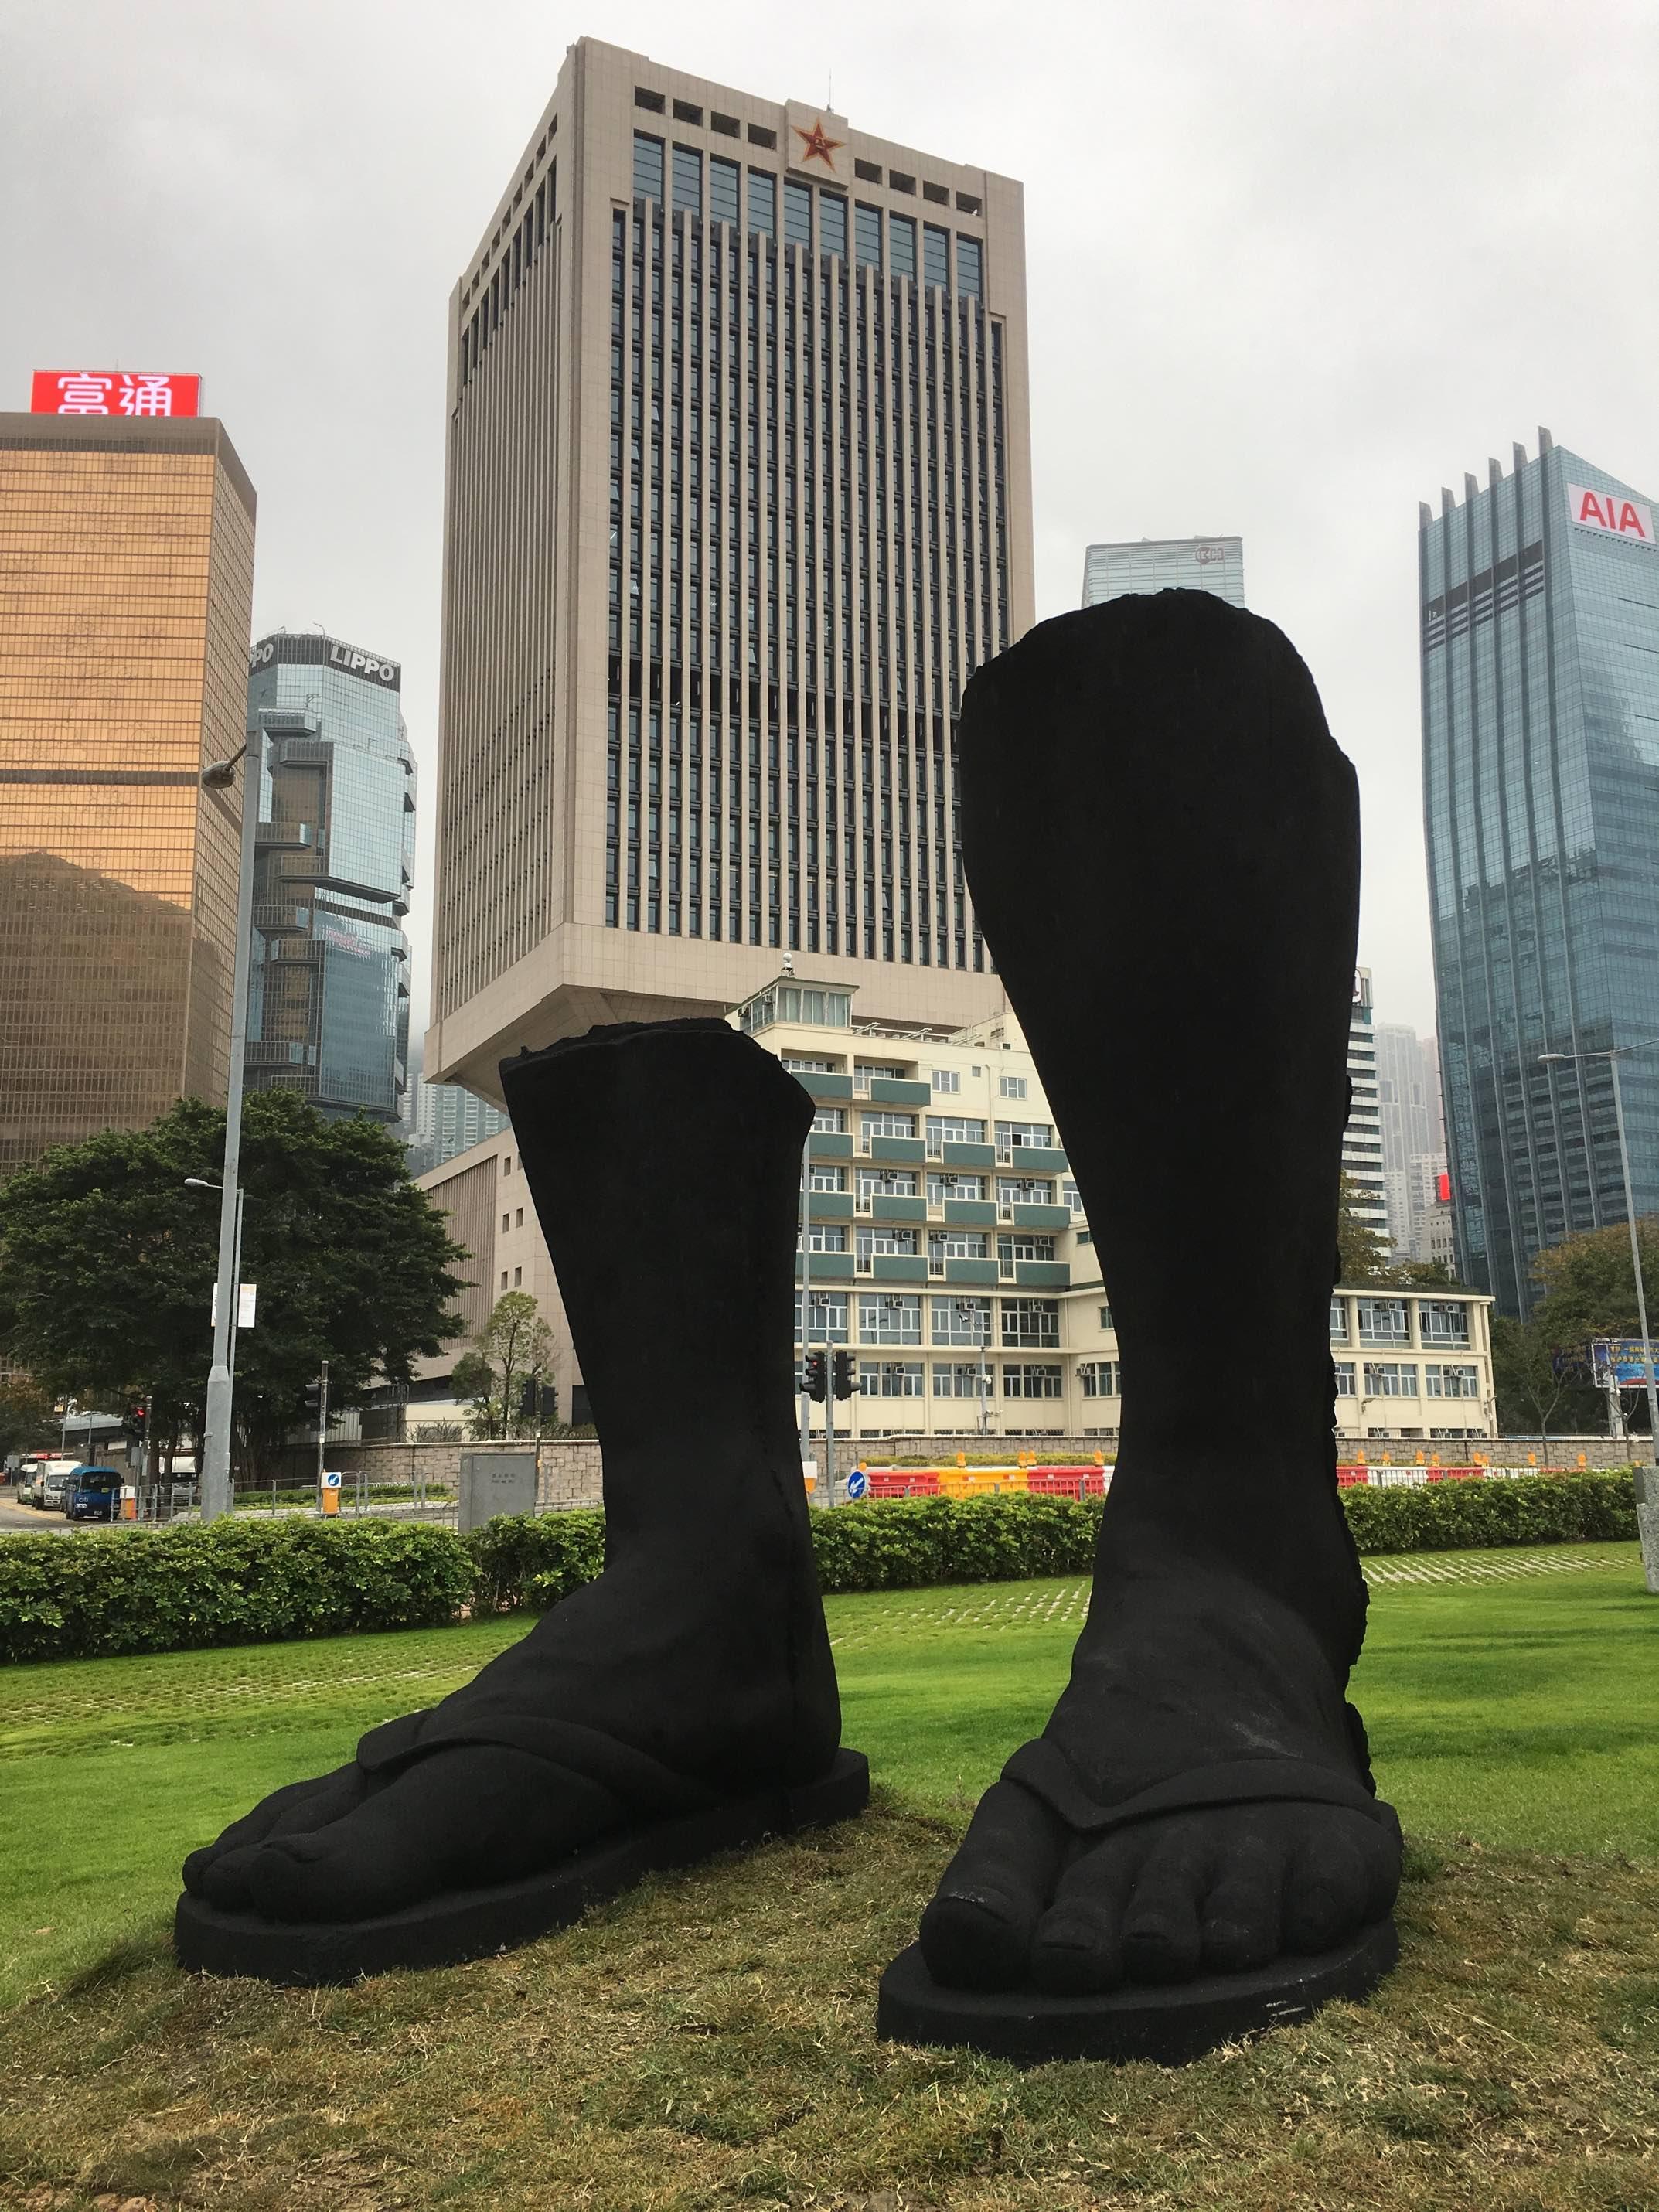 「藝遊維港」雕塑展覽,香港藝術家曾敏富的作品